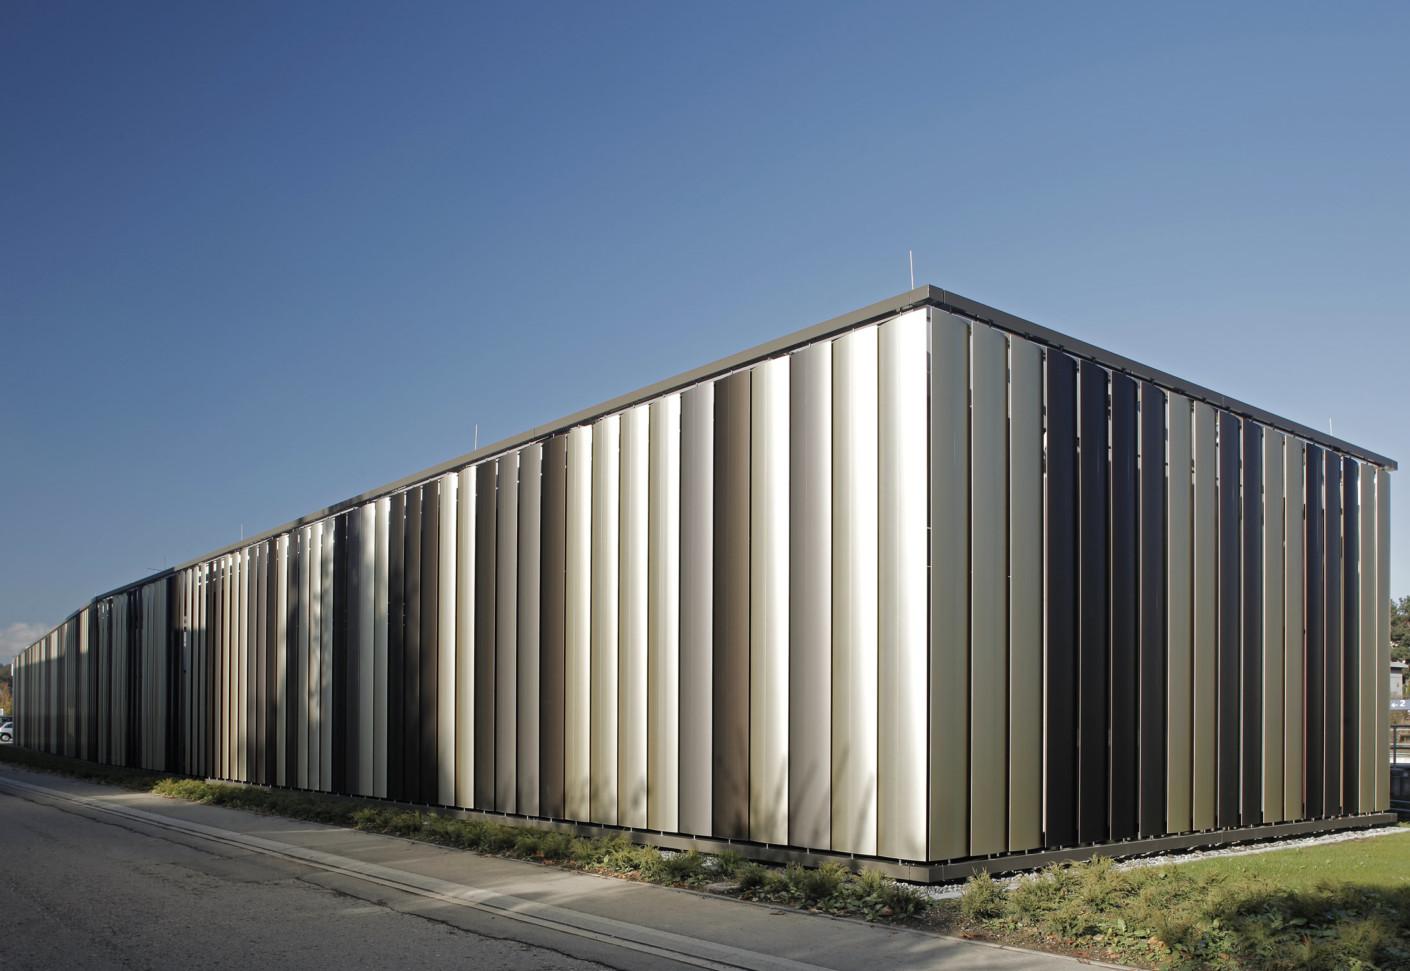 Metal Lamellae Solarfin Cel 600 Bibliothek Du 223 Lingen By